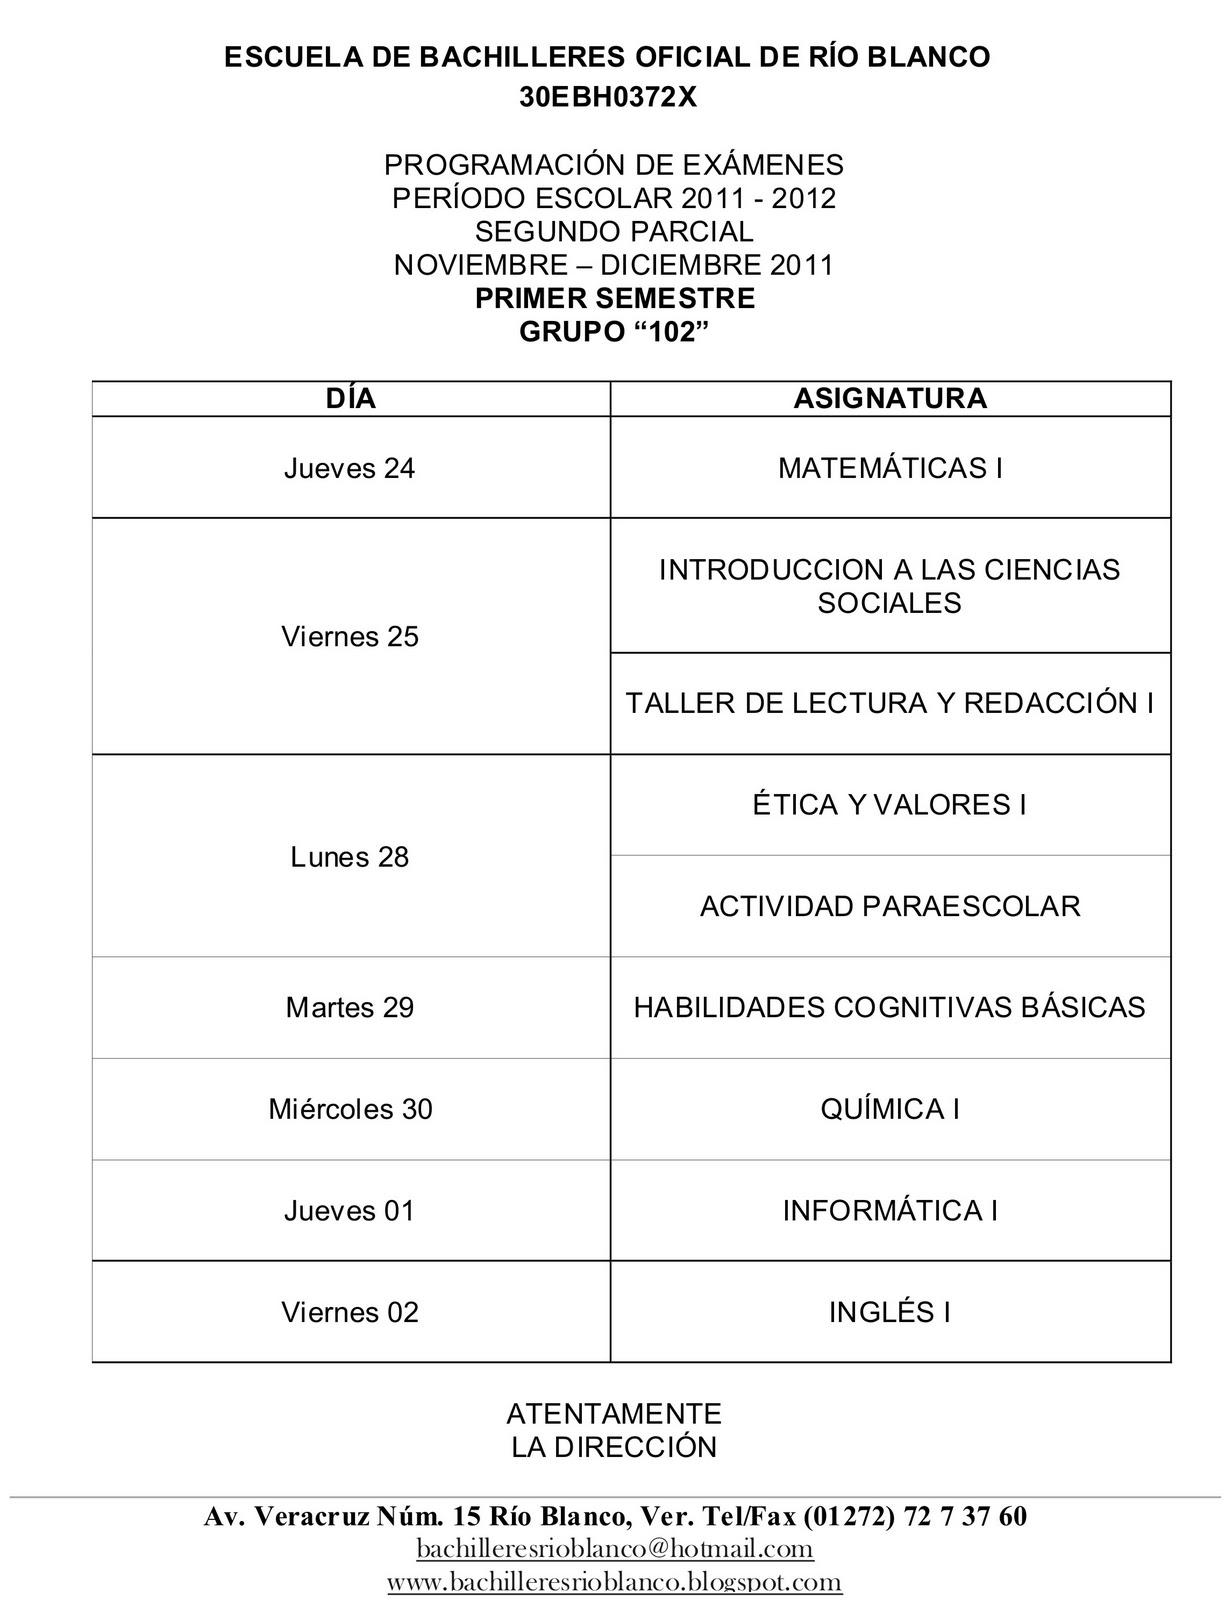 ESCUELA DE BACHILLERES OFICIAL DE RIO BLANCO: 2011